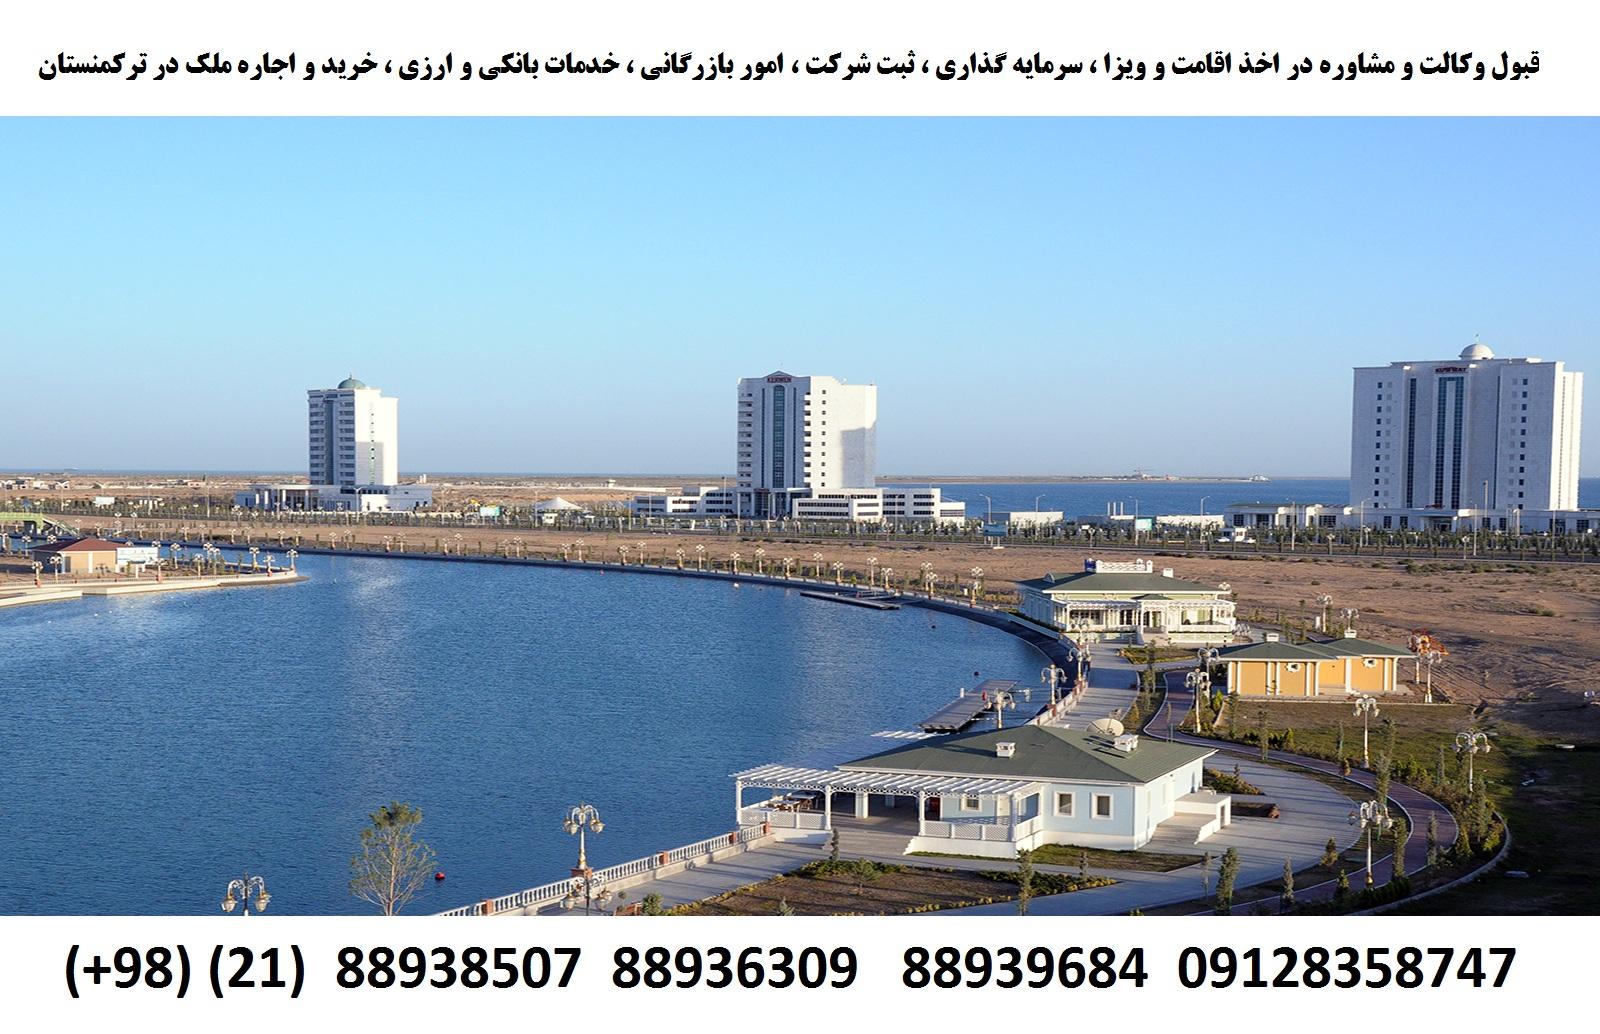 اقامت ، ویزا ، ثبت شرکت ، سرمایه گذاری در ترکمنستان (4)